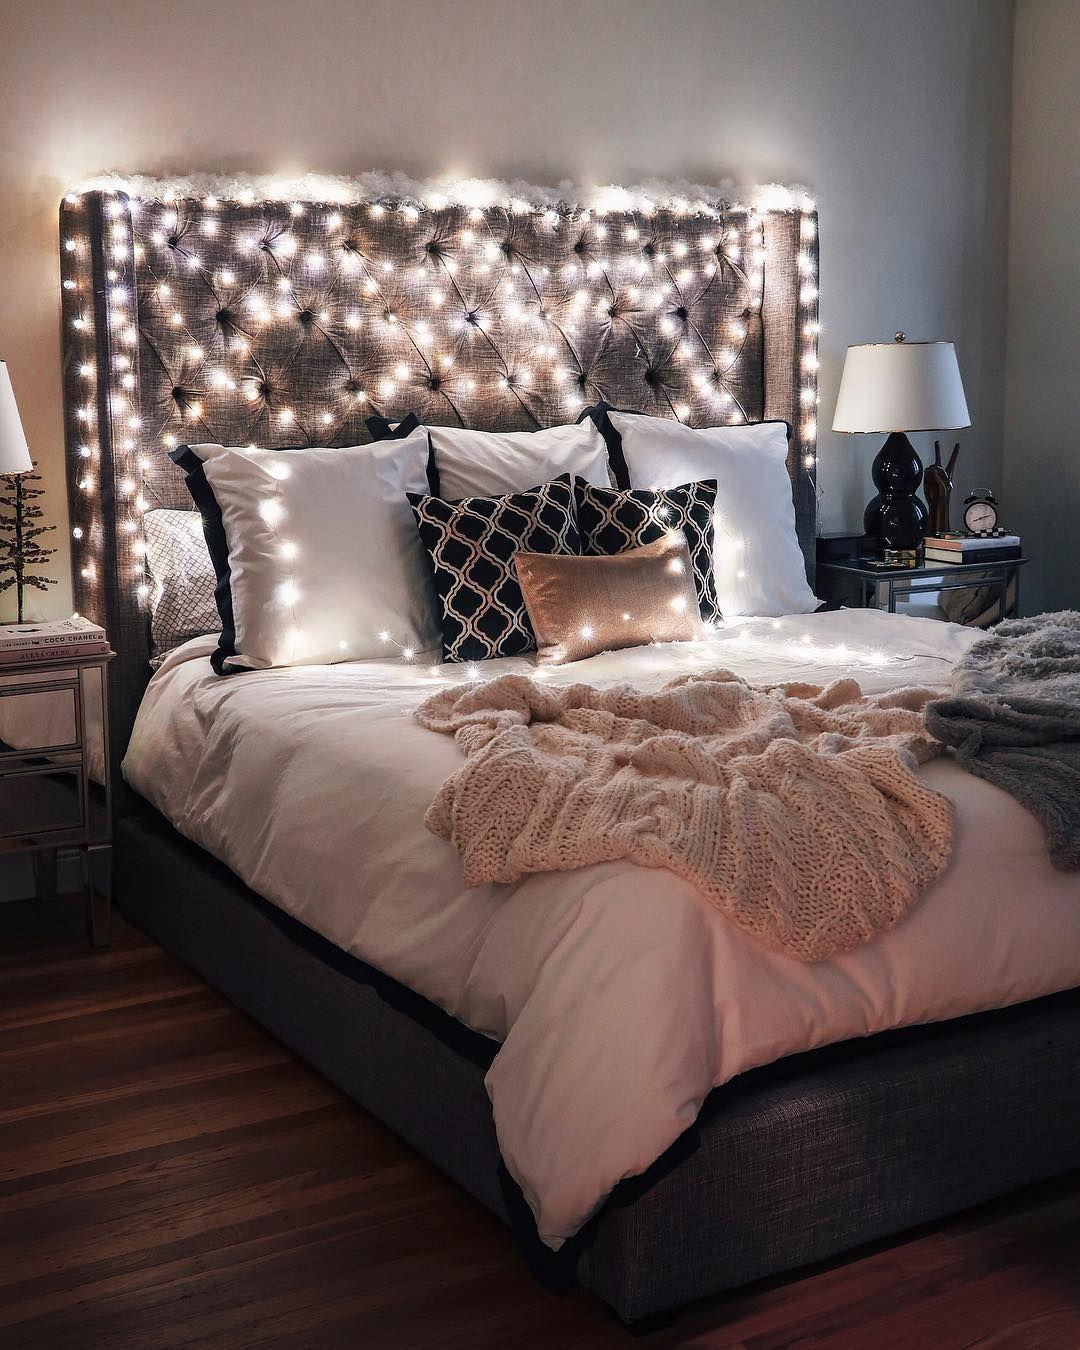 itstaylormichelle . #bedroomgoals